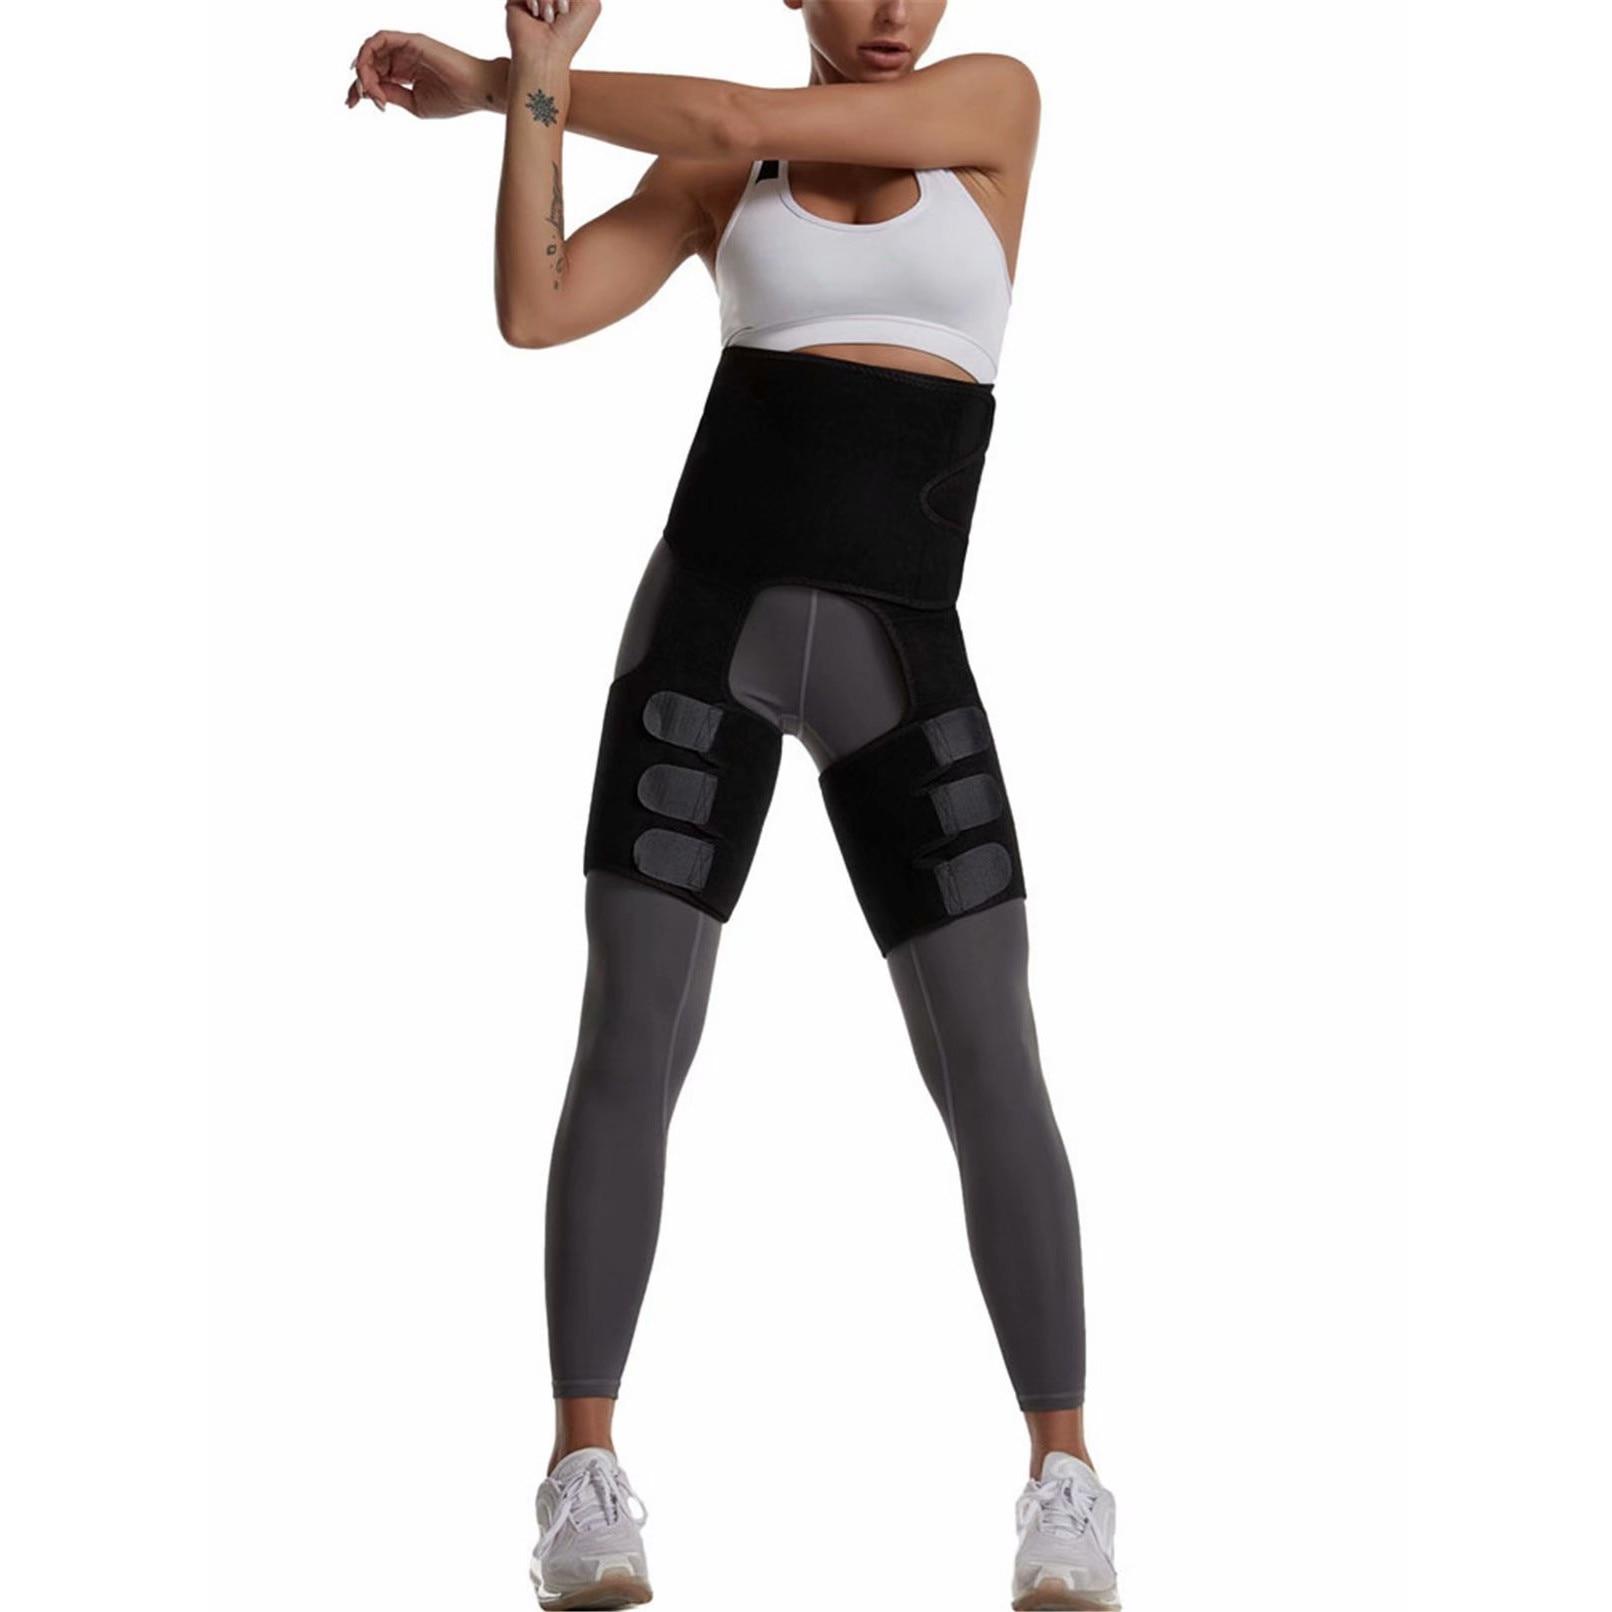 slăbire nou negru în plus cum arăt când pierd în greutate